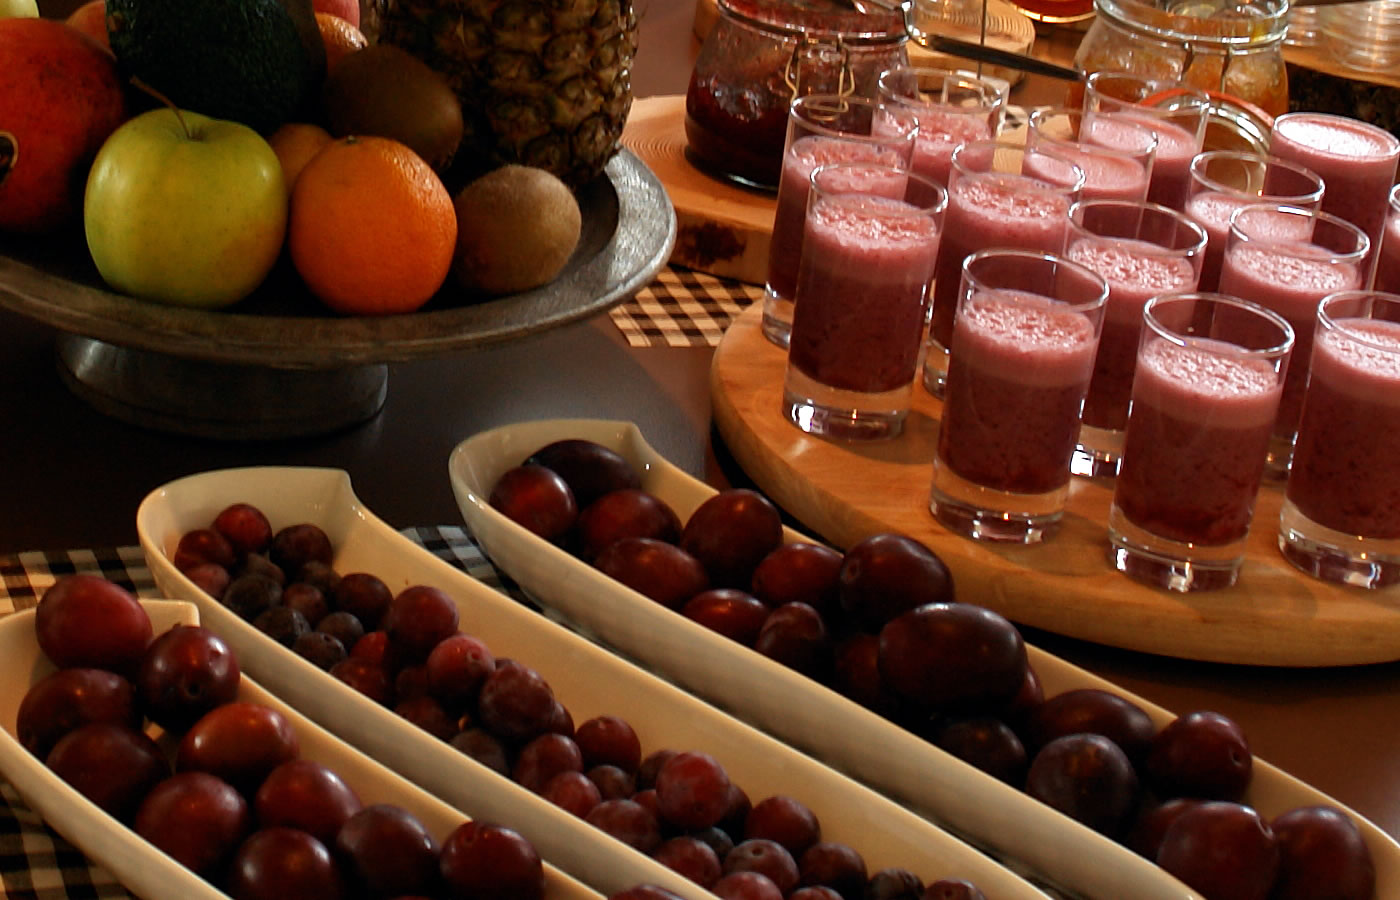 Obst, Gemüse und frische Shakes - Natürlich Frühstück in Fiss, Tirol.